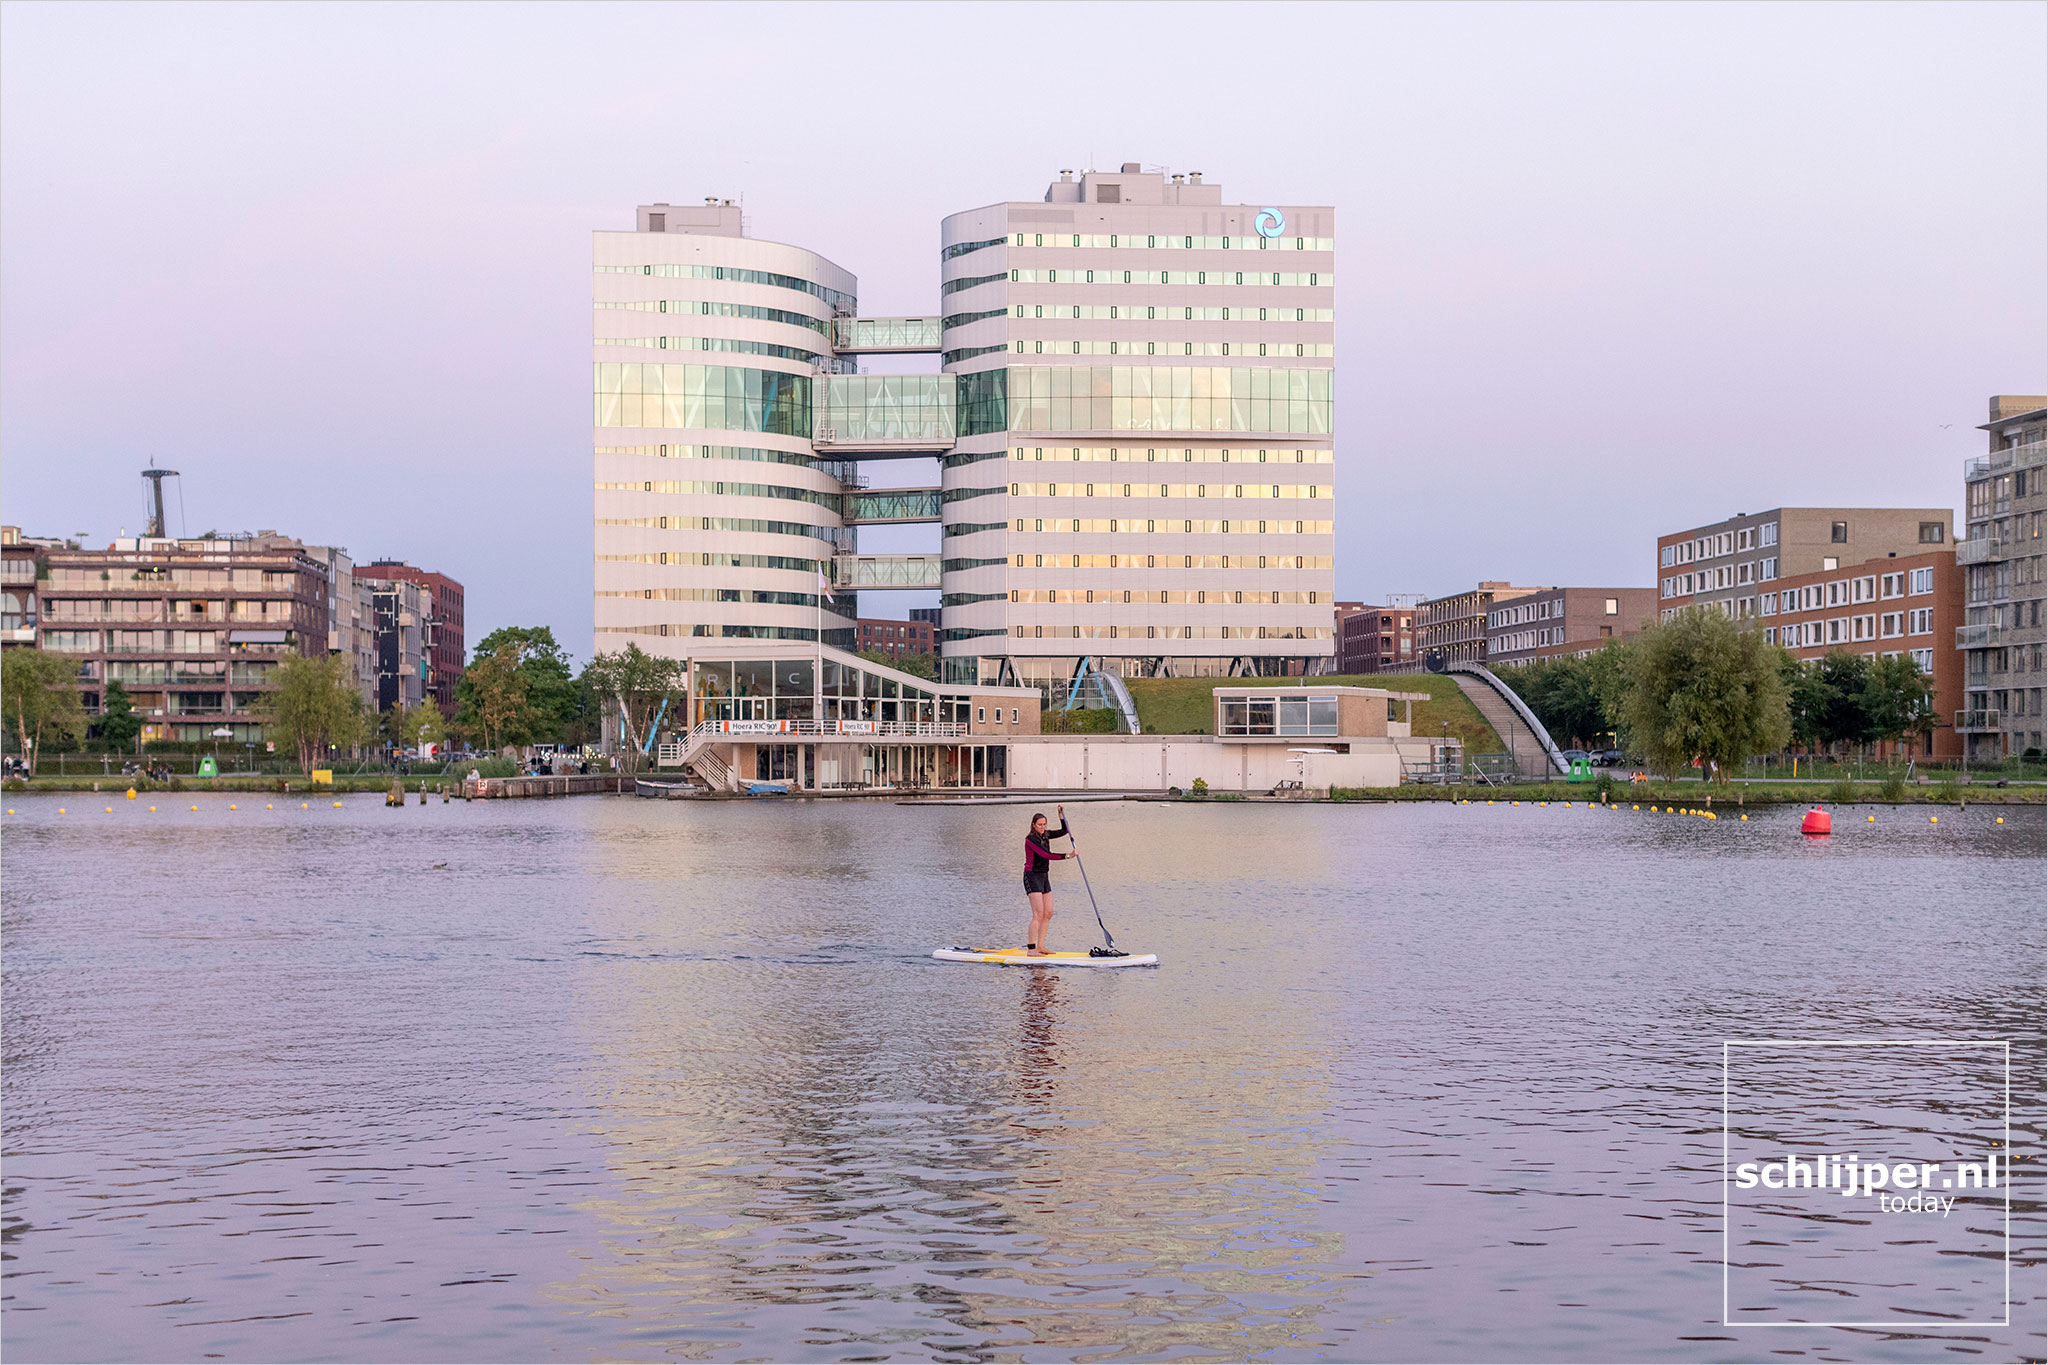 The Netherlands, Amsterdam, 4 september 2021